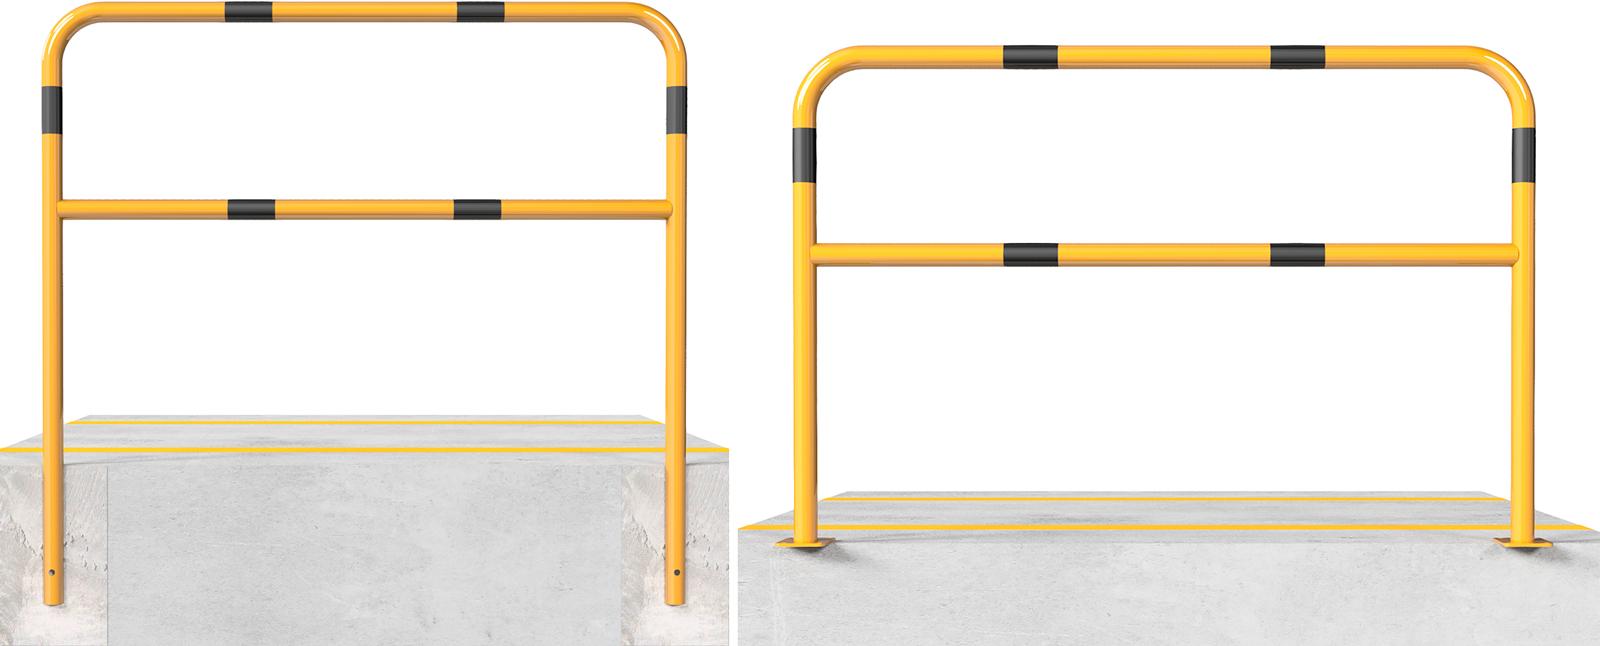 Schake Sperrbügel Stahl mit Knieholm Ø 48 mm gelb | schwarz